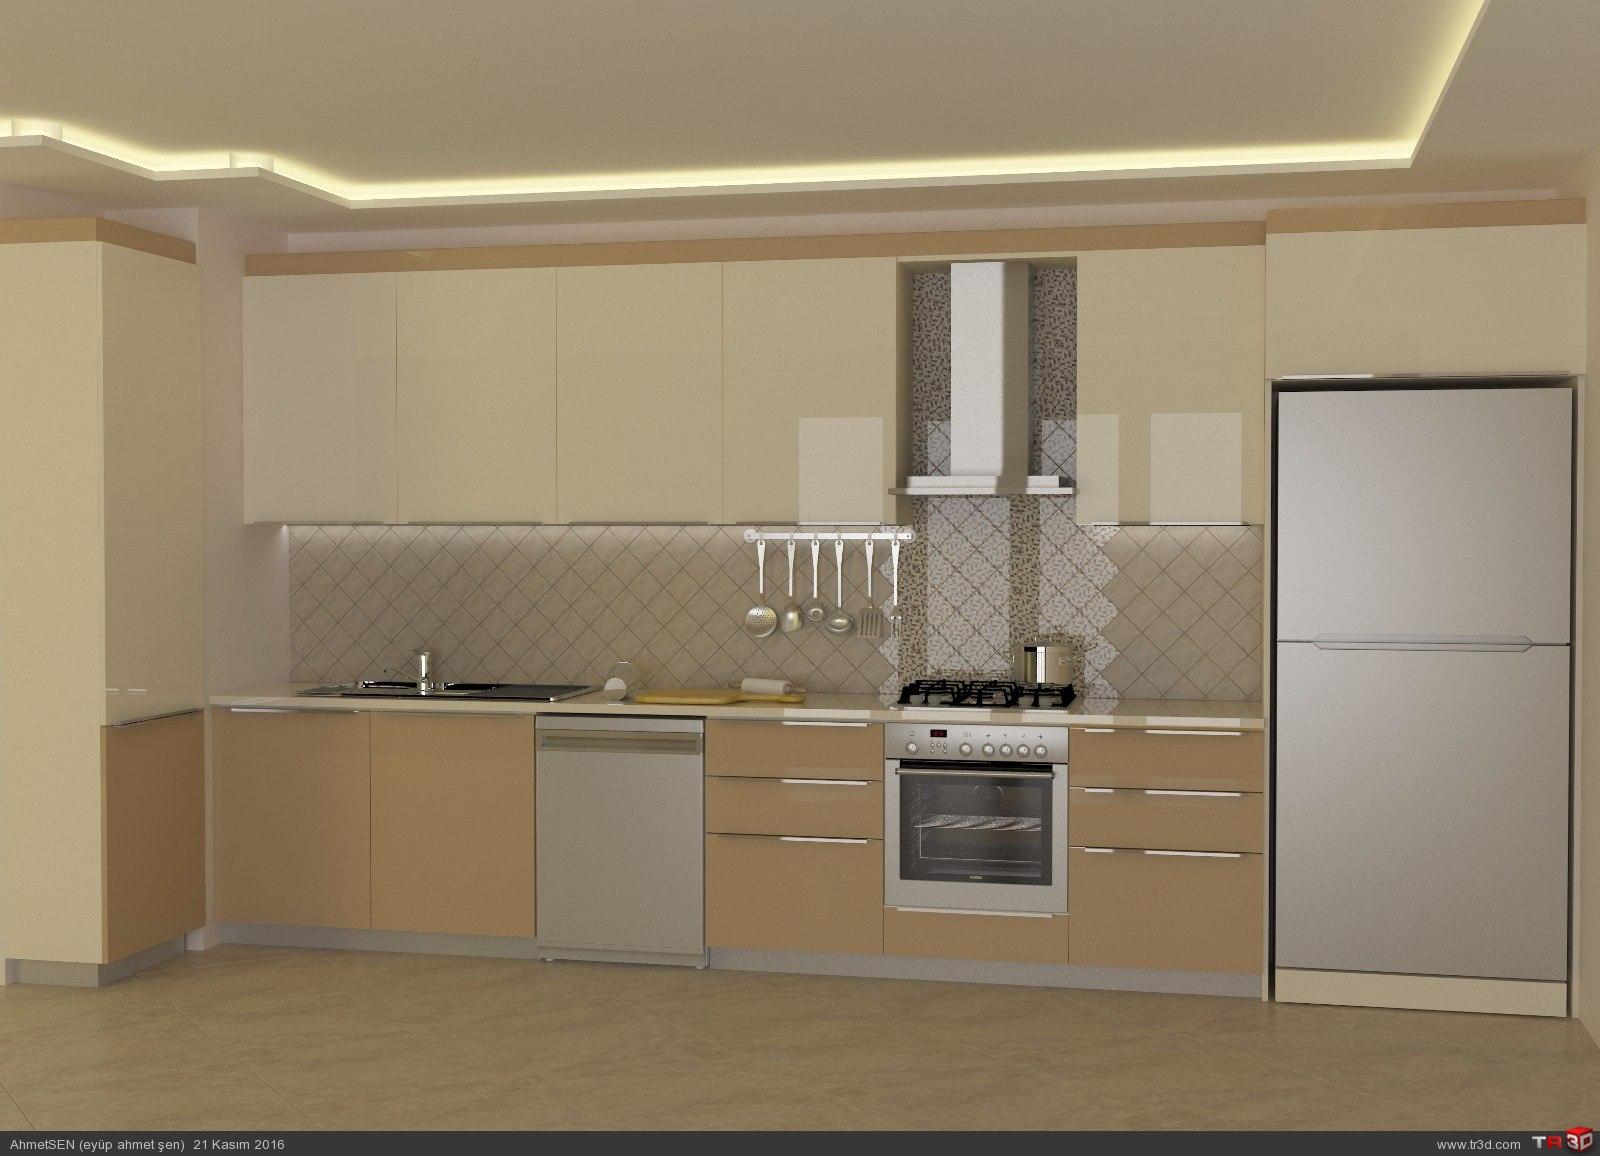 Mutfak Proje 3